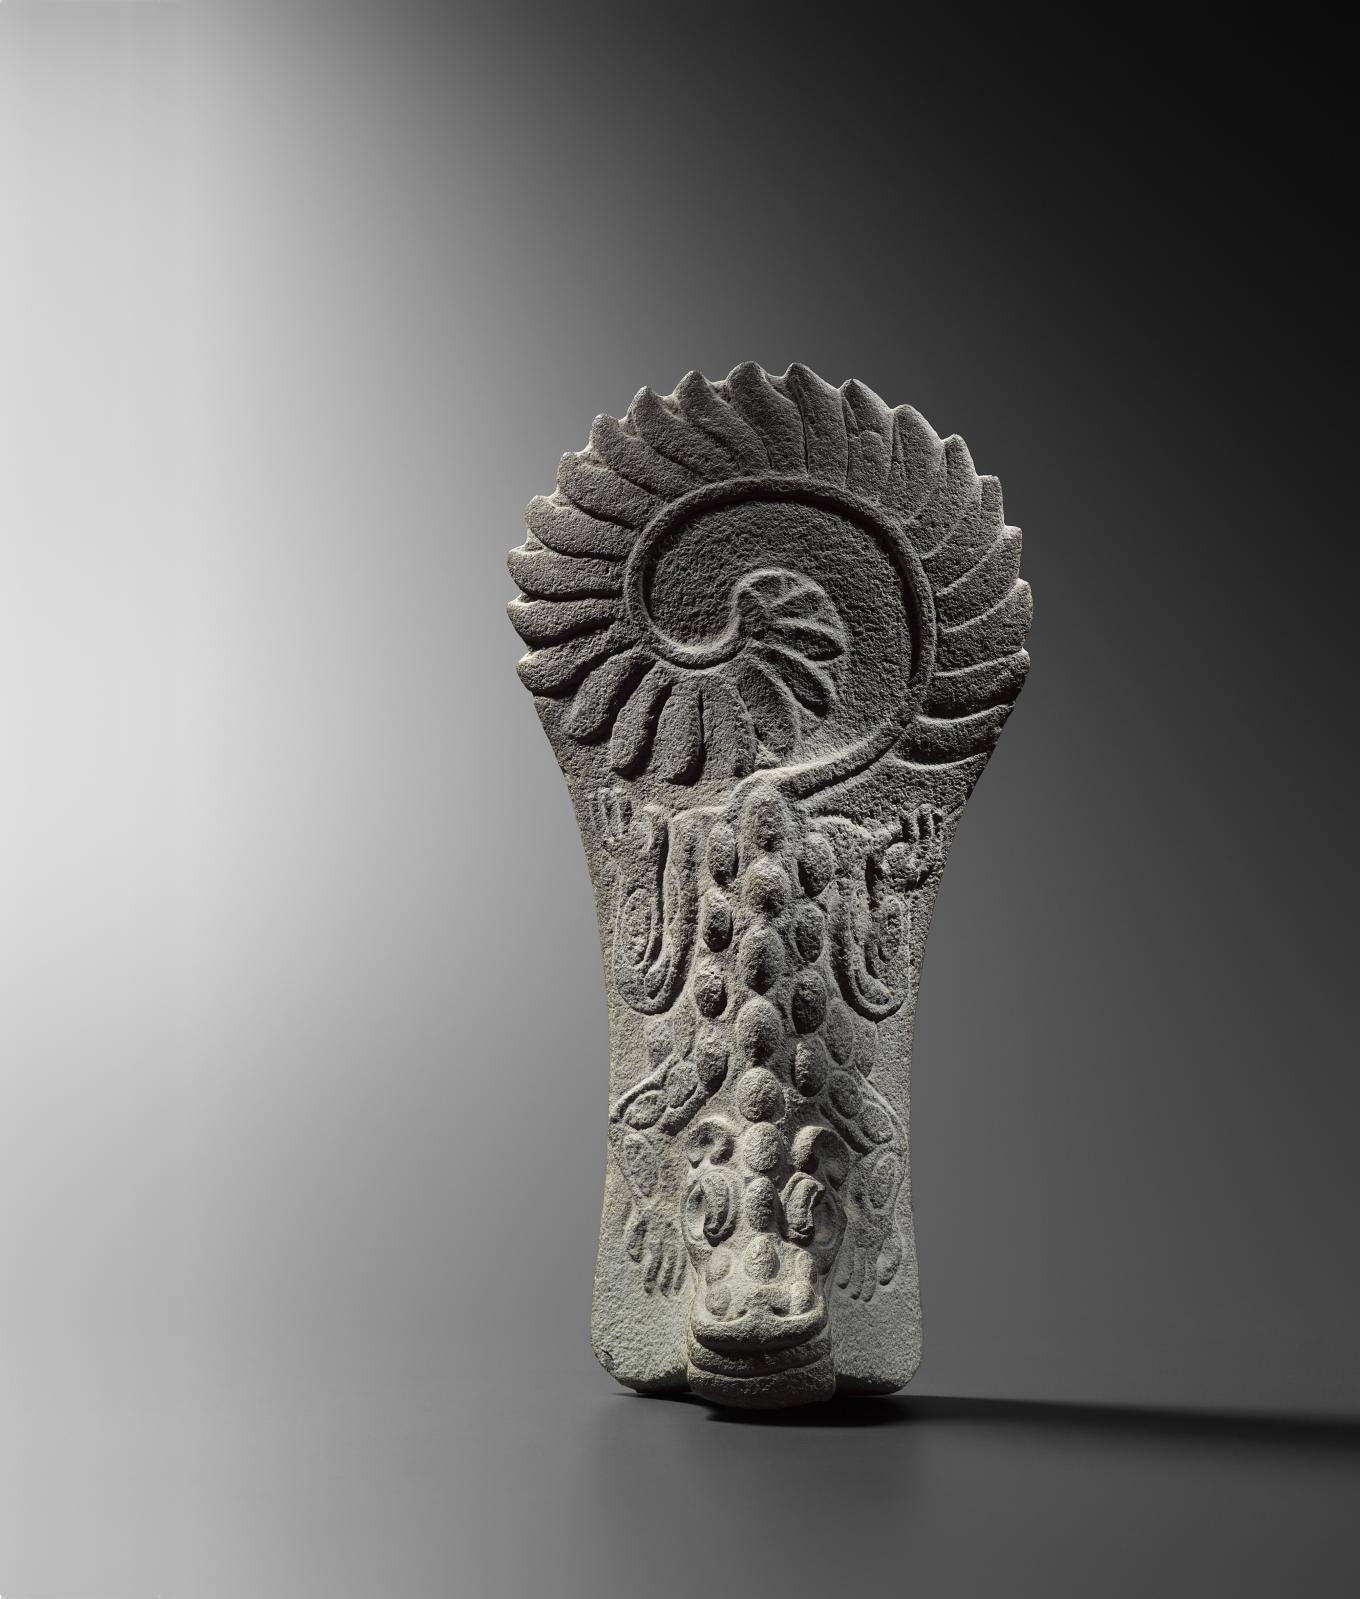 Veracruz, Mexique, époque classique, 600-900apr.J.-C. Palma «crocodile», pierre de basalte à grain fin sculptée et semi-polie, 43x22,5x11cm. Es